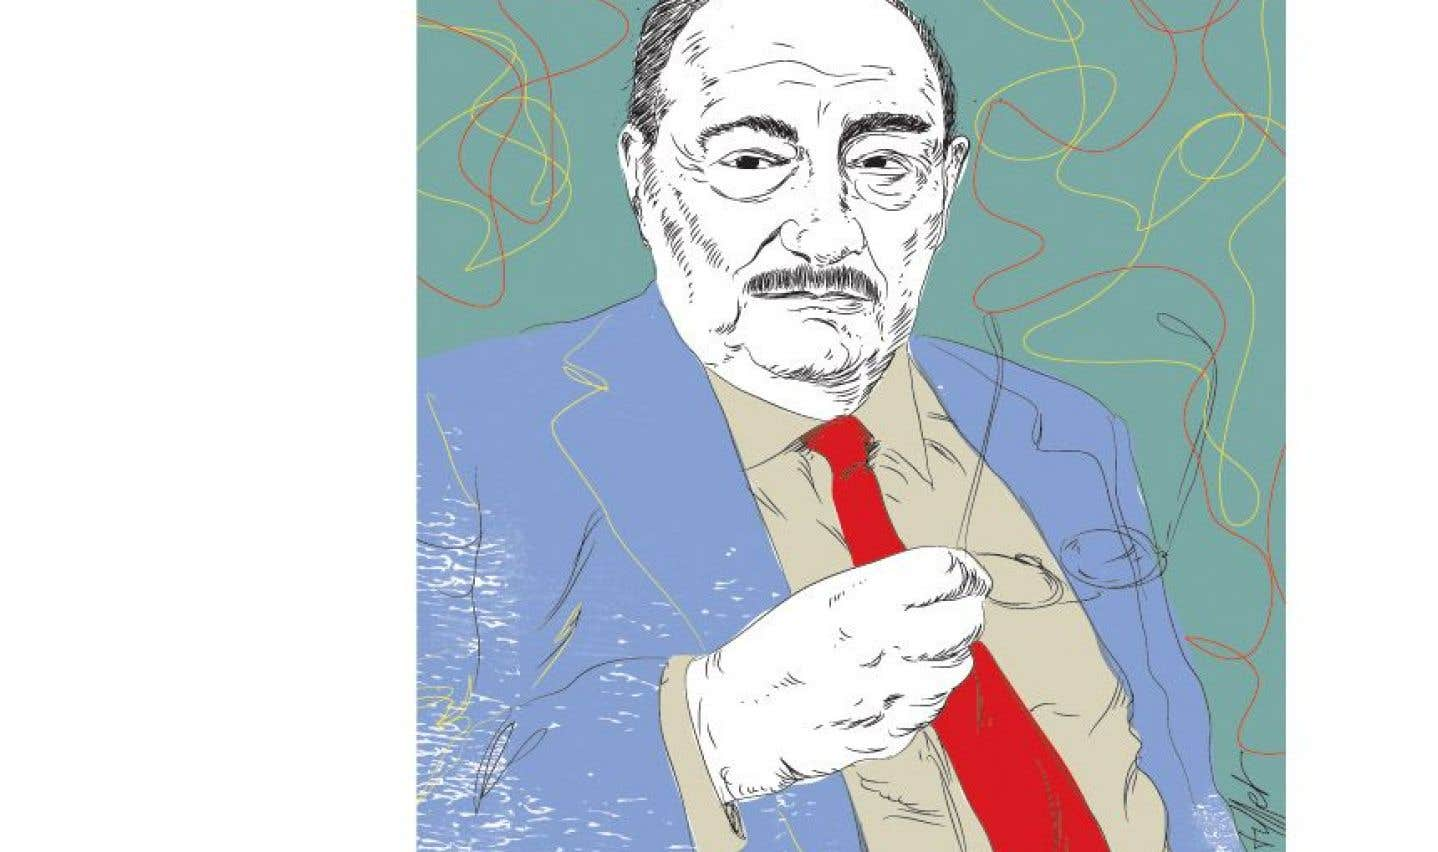 Les fausses nouvelles dans l'oeil d'Umberto Eco